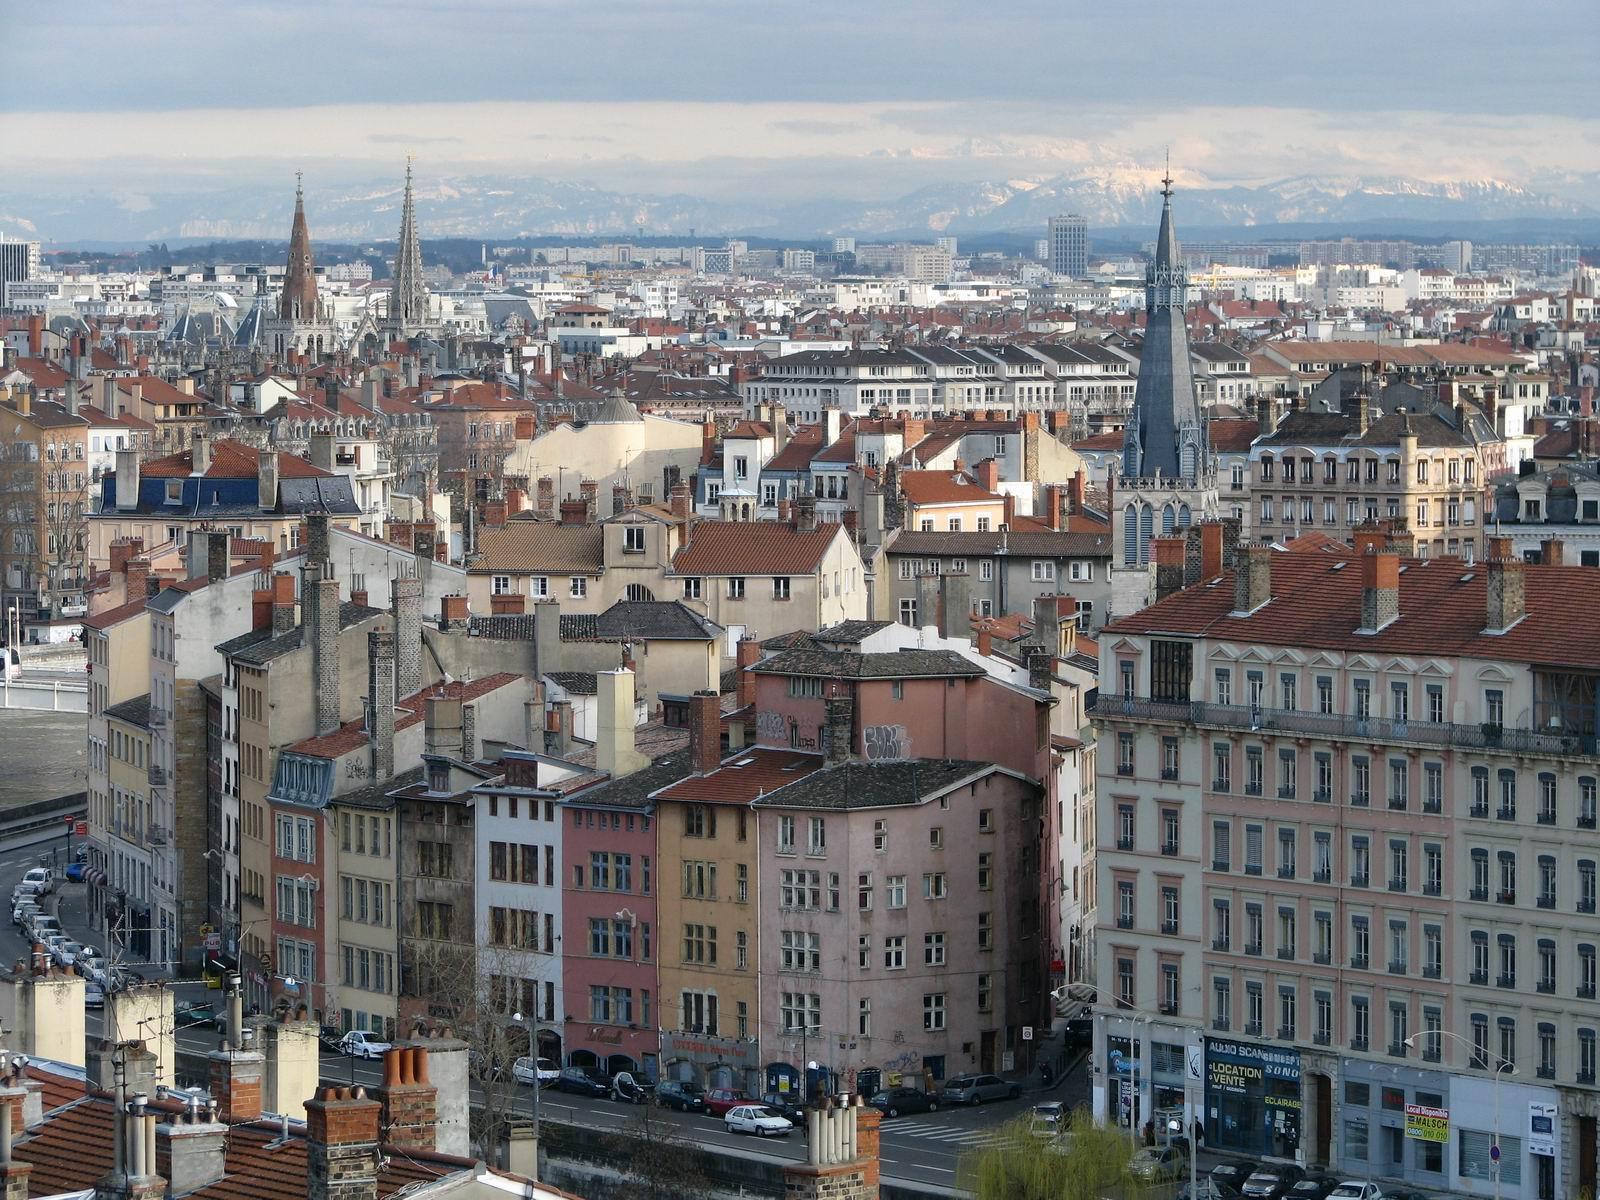 Некоторые тонкости и особенности аренды недвижимости во Франции